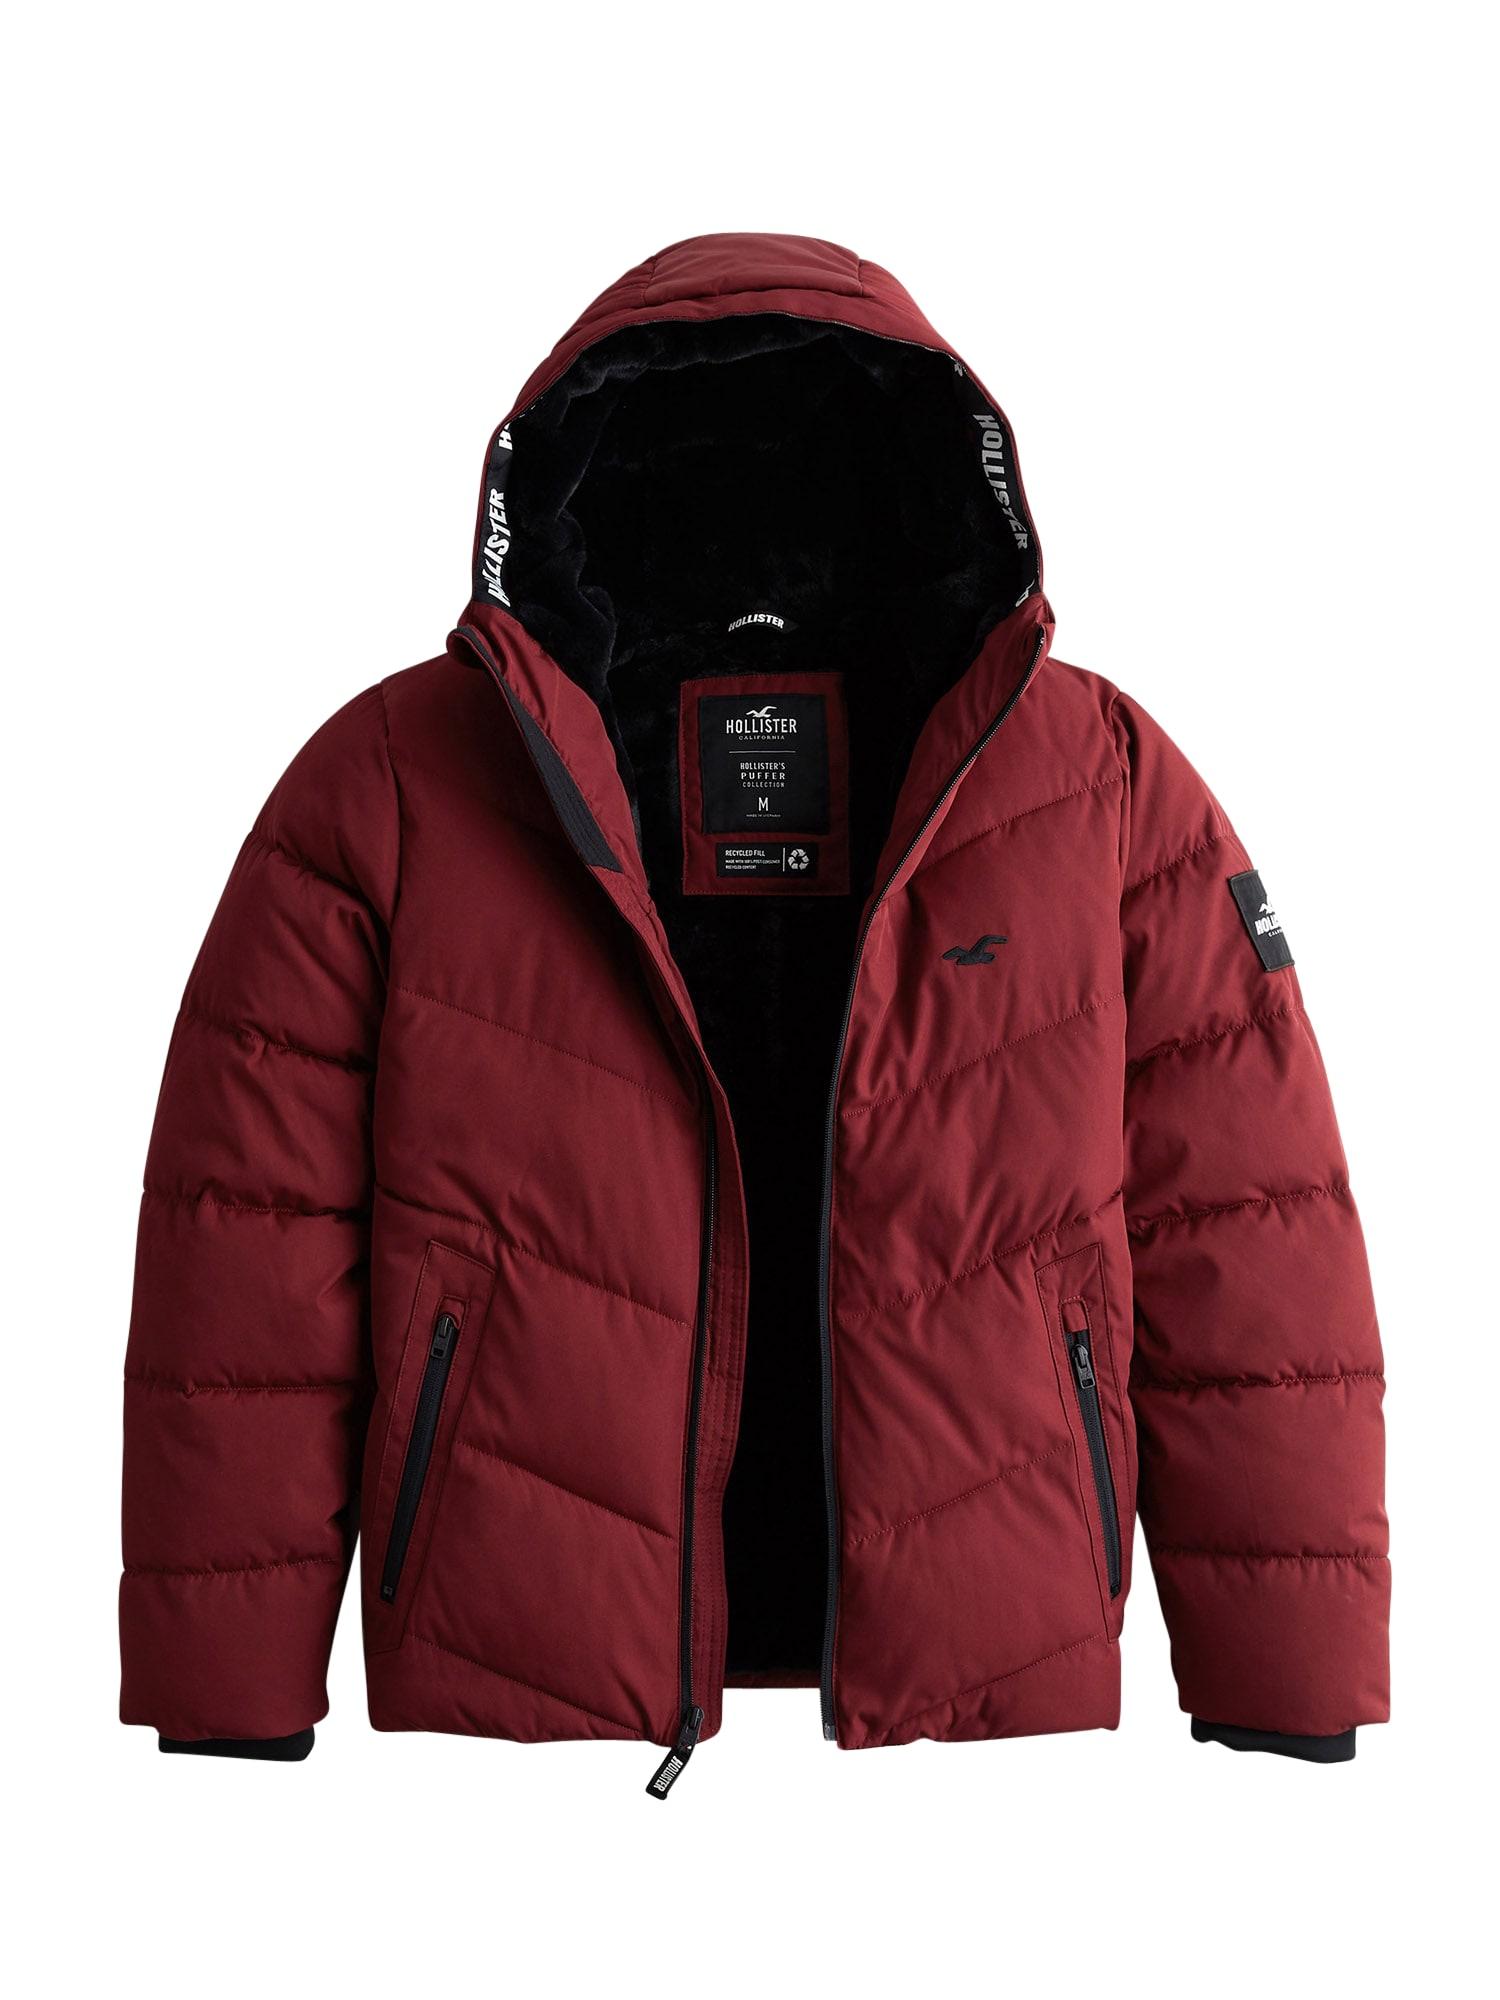 HOLLISTER Zimní bunda 'Webex'  burgundská červeň